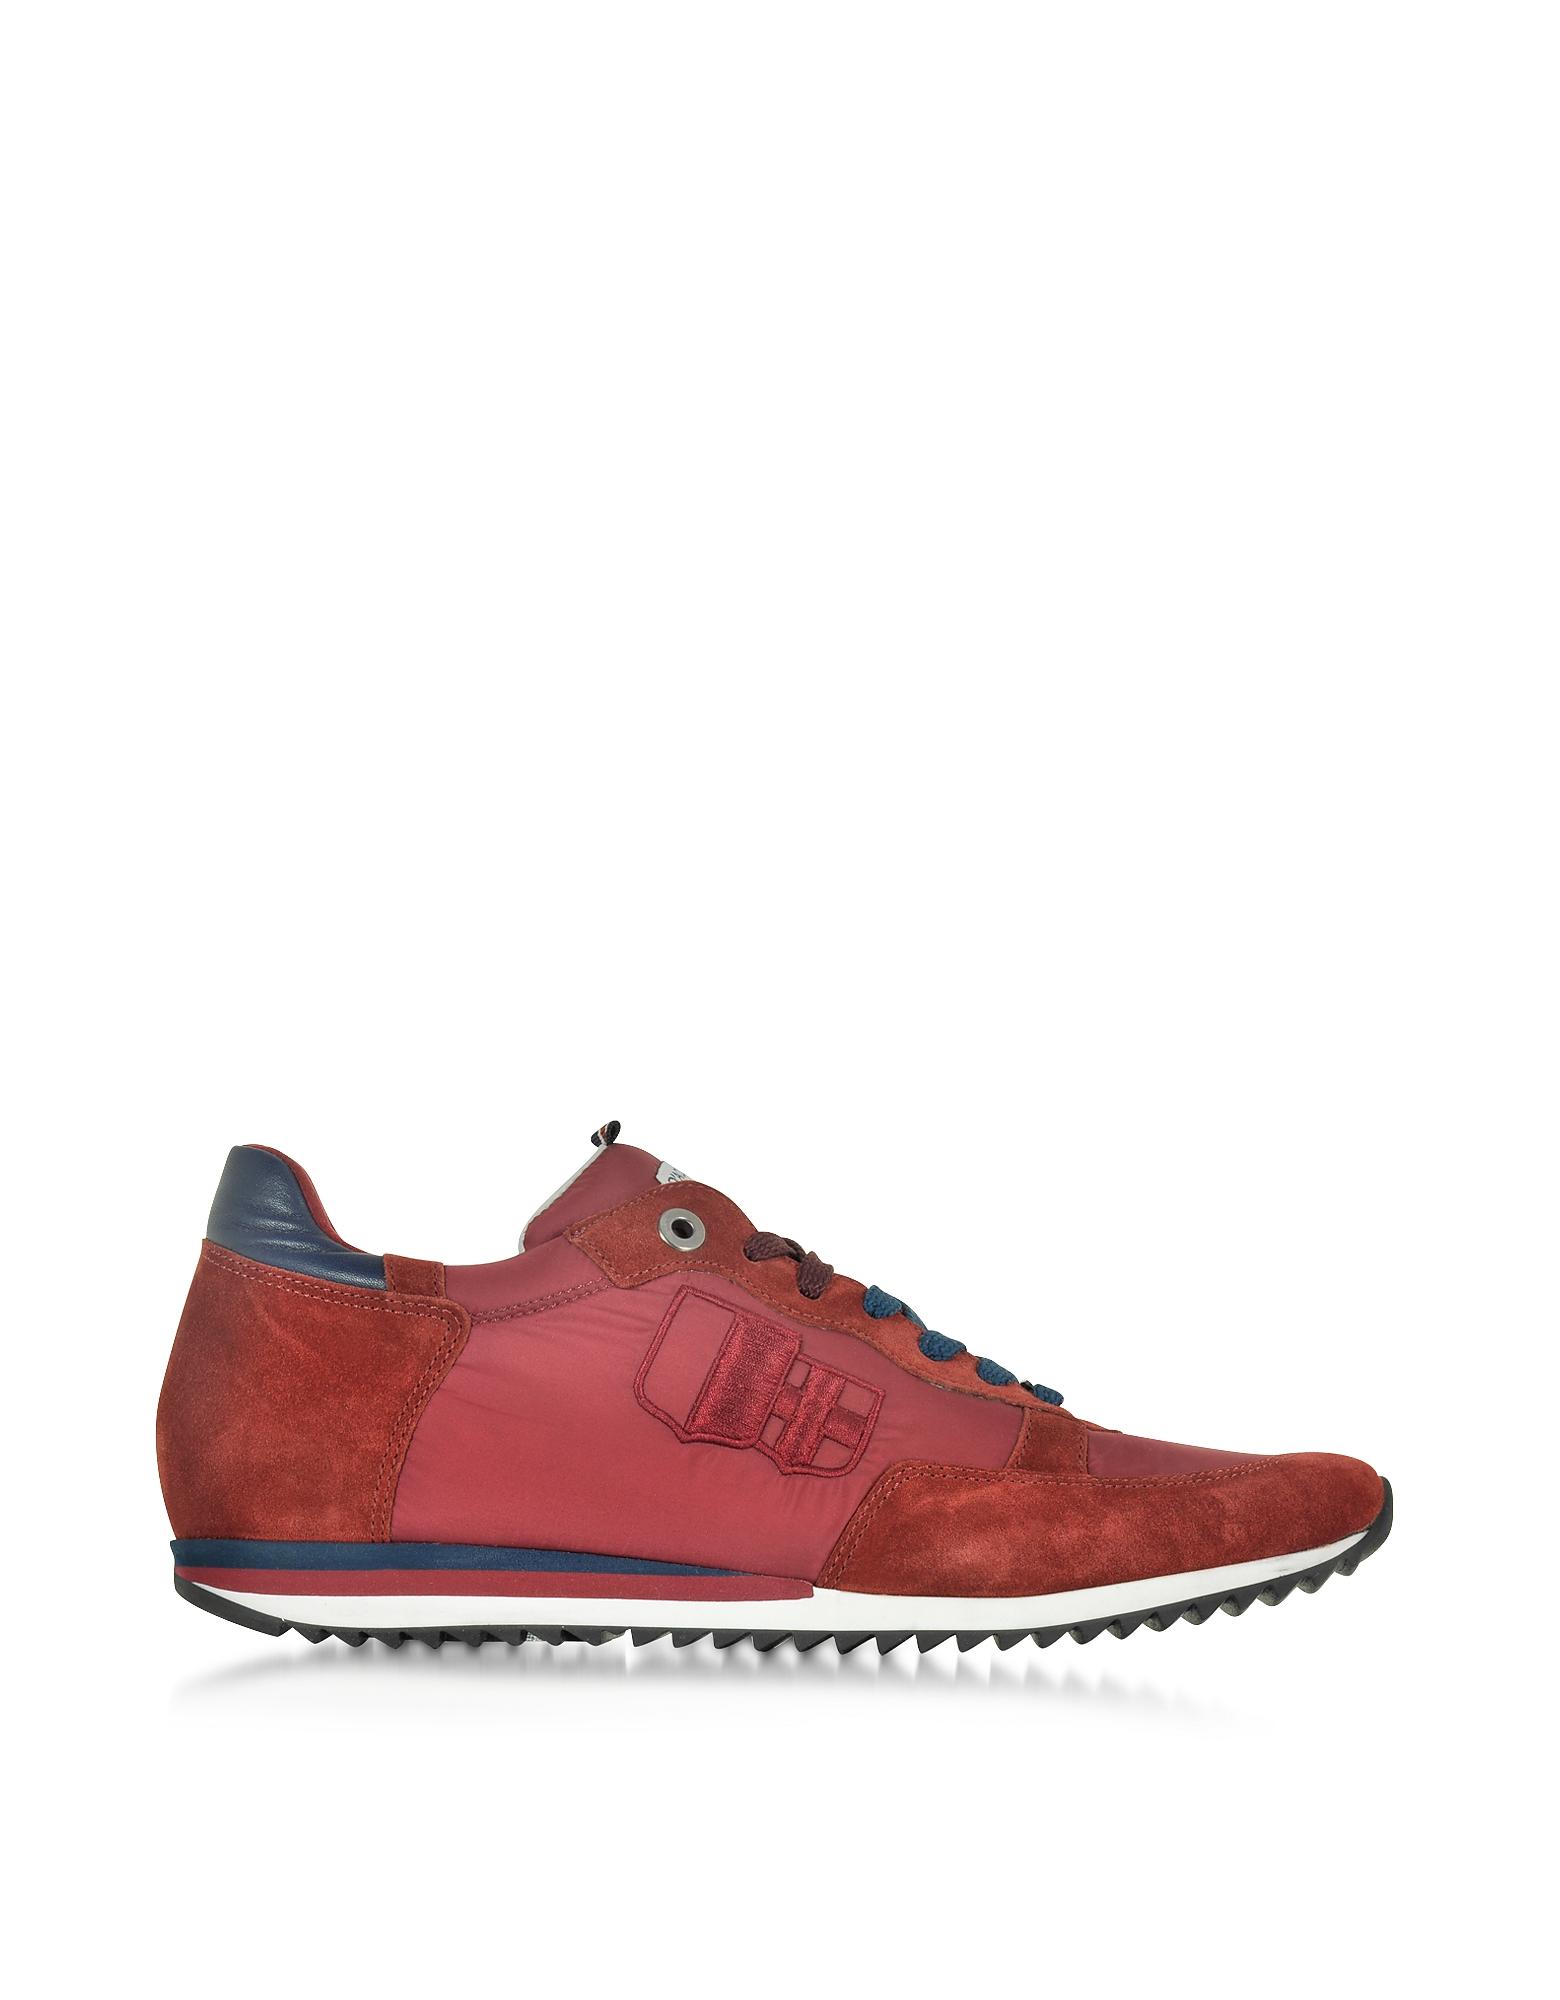 Magnifico - Красные Мужские Кроссовки из Нейлона и Замши